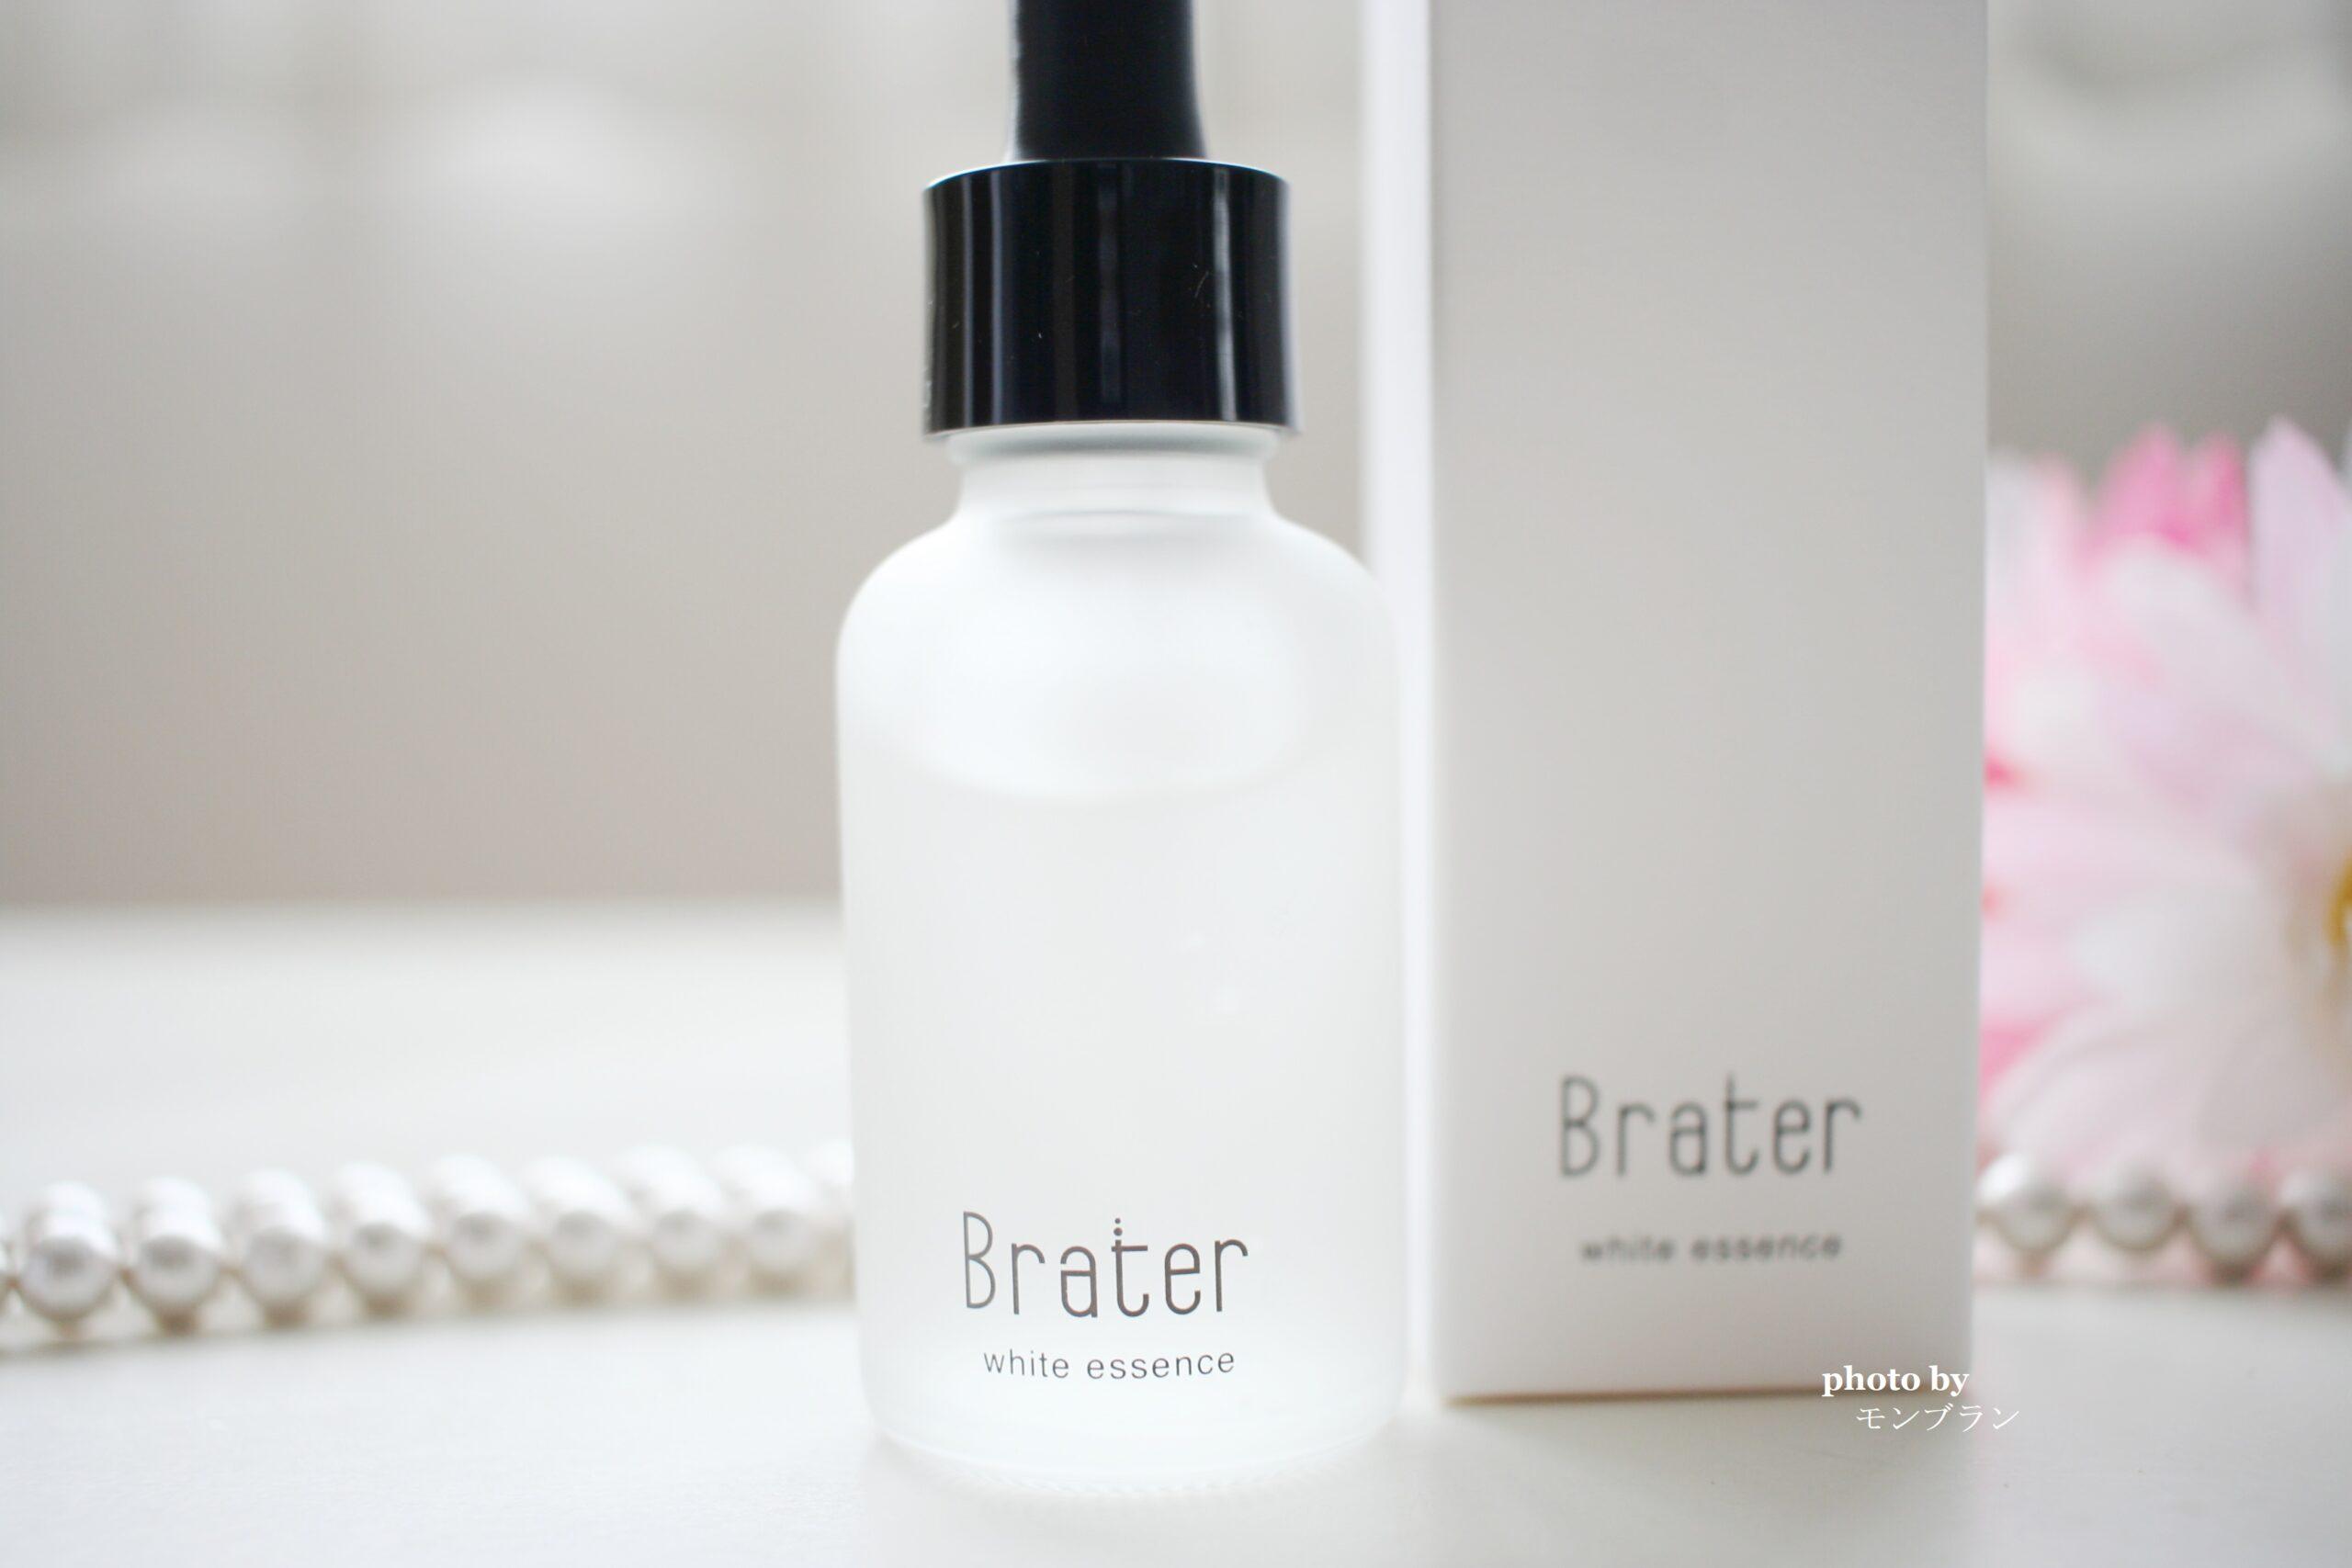 ブレイター薬用美白美容液の口コミレビュー